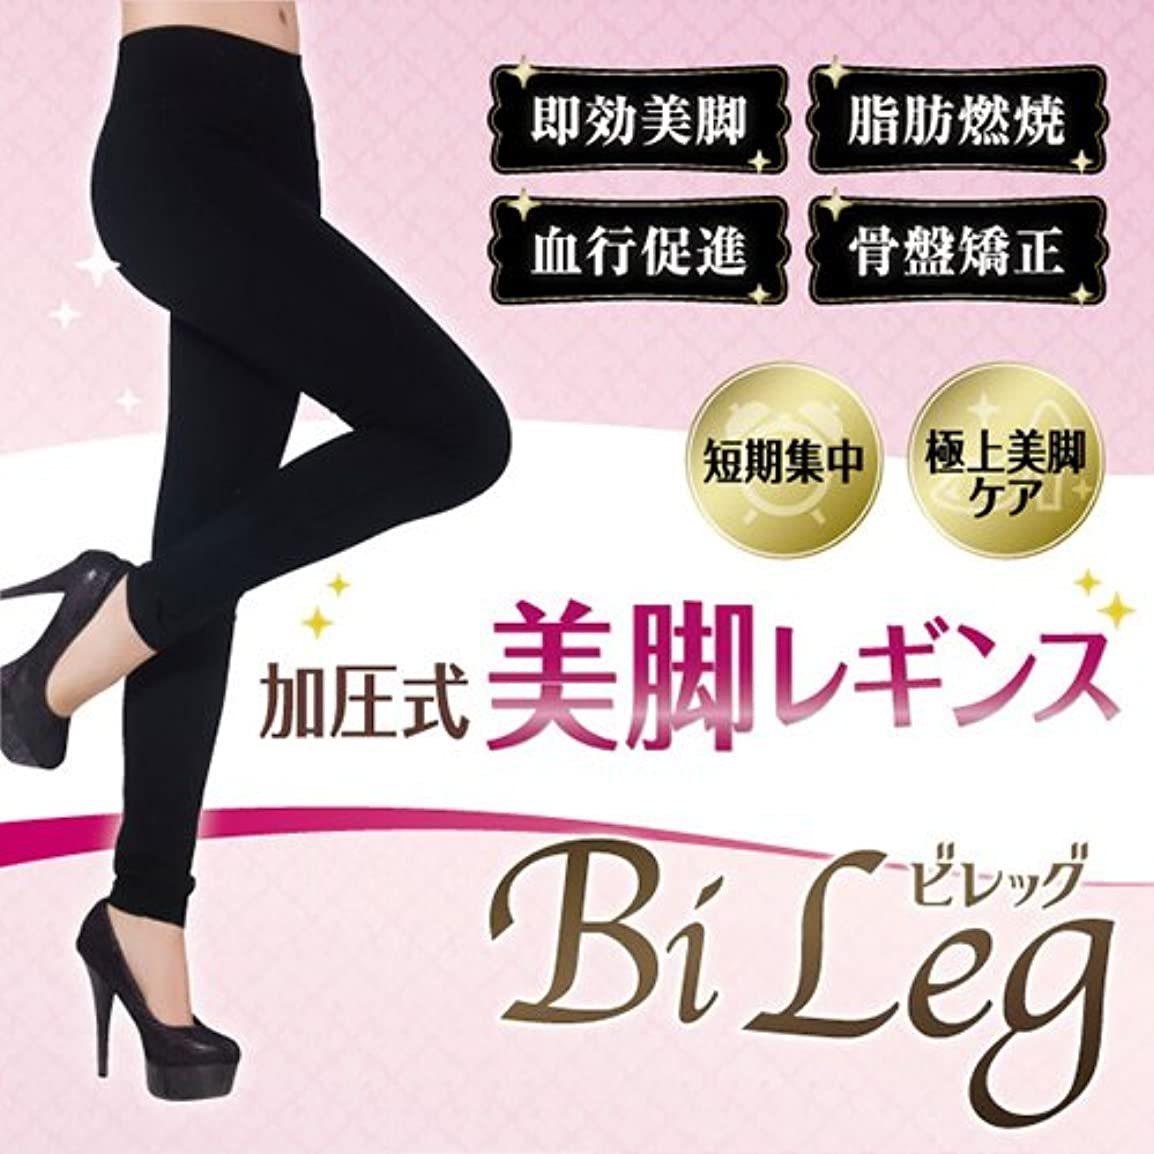 墓地相反する反対【単品】Bi Leg-ビレッグ-